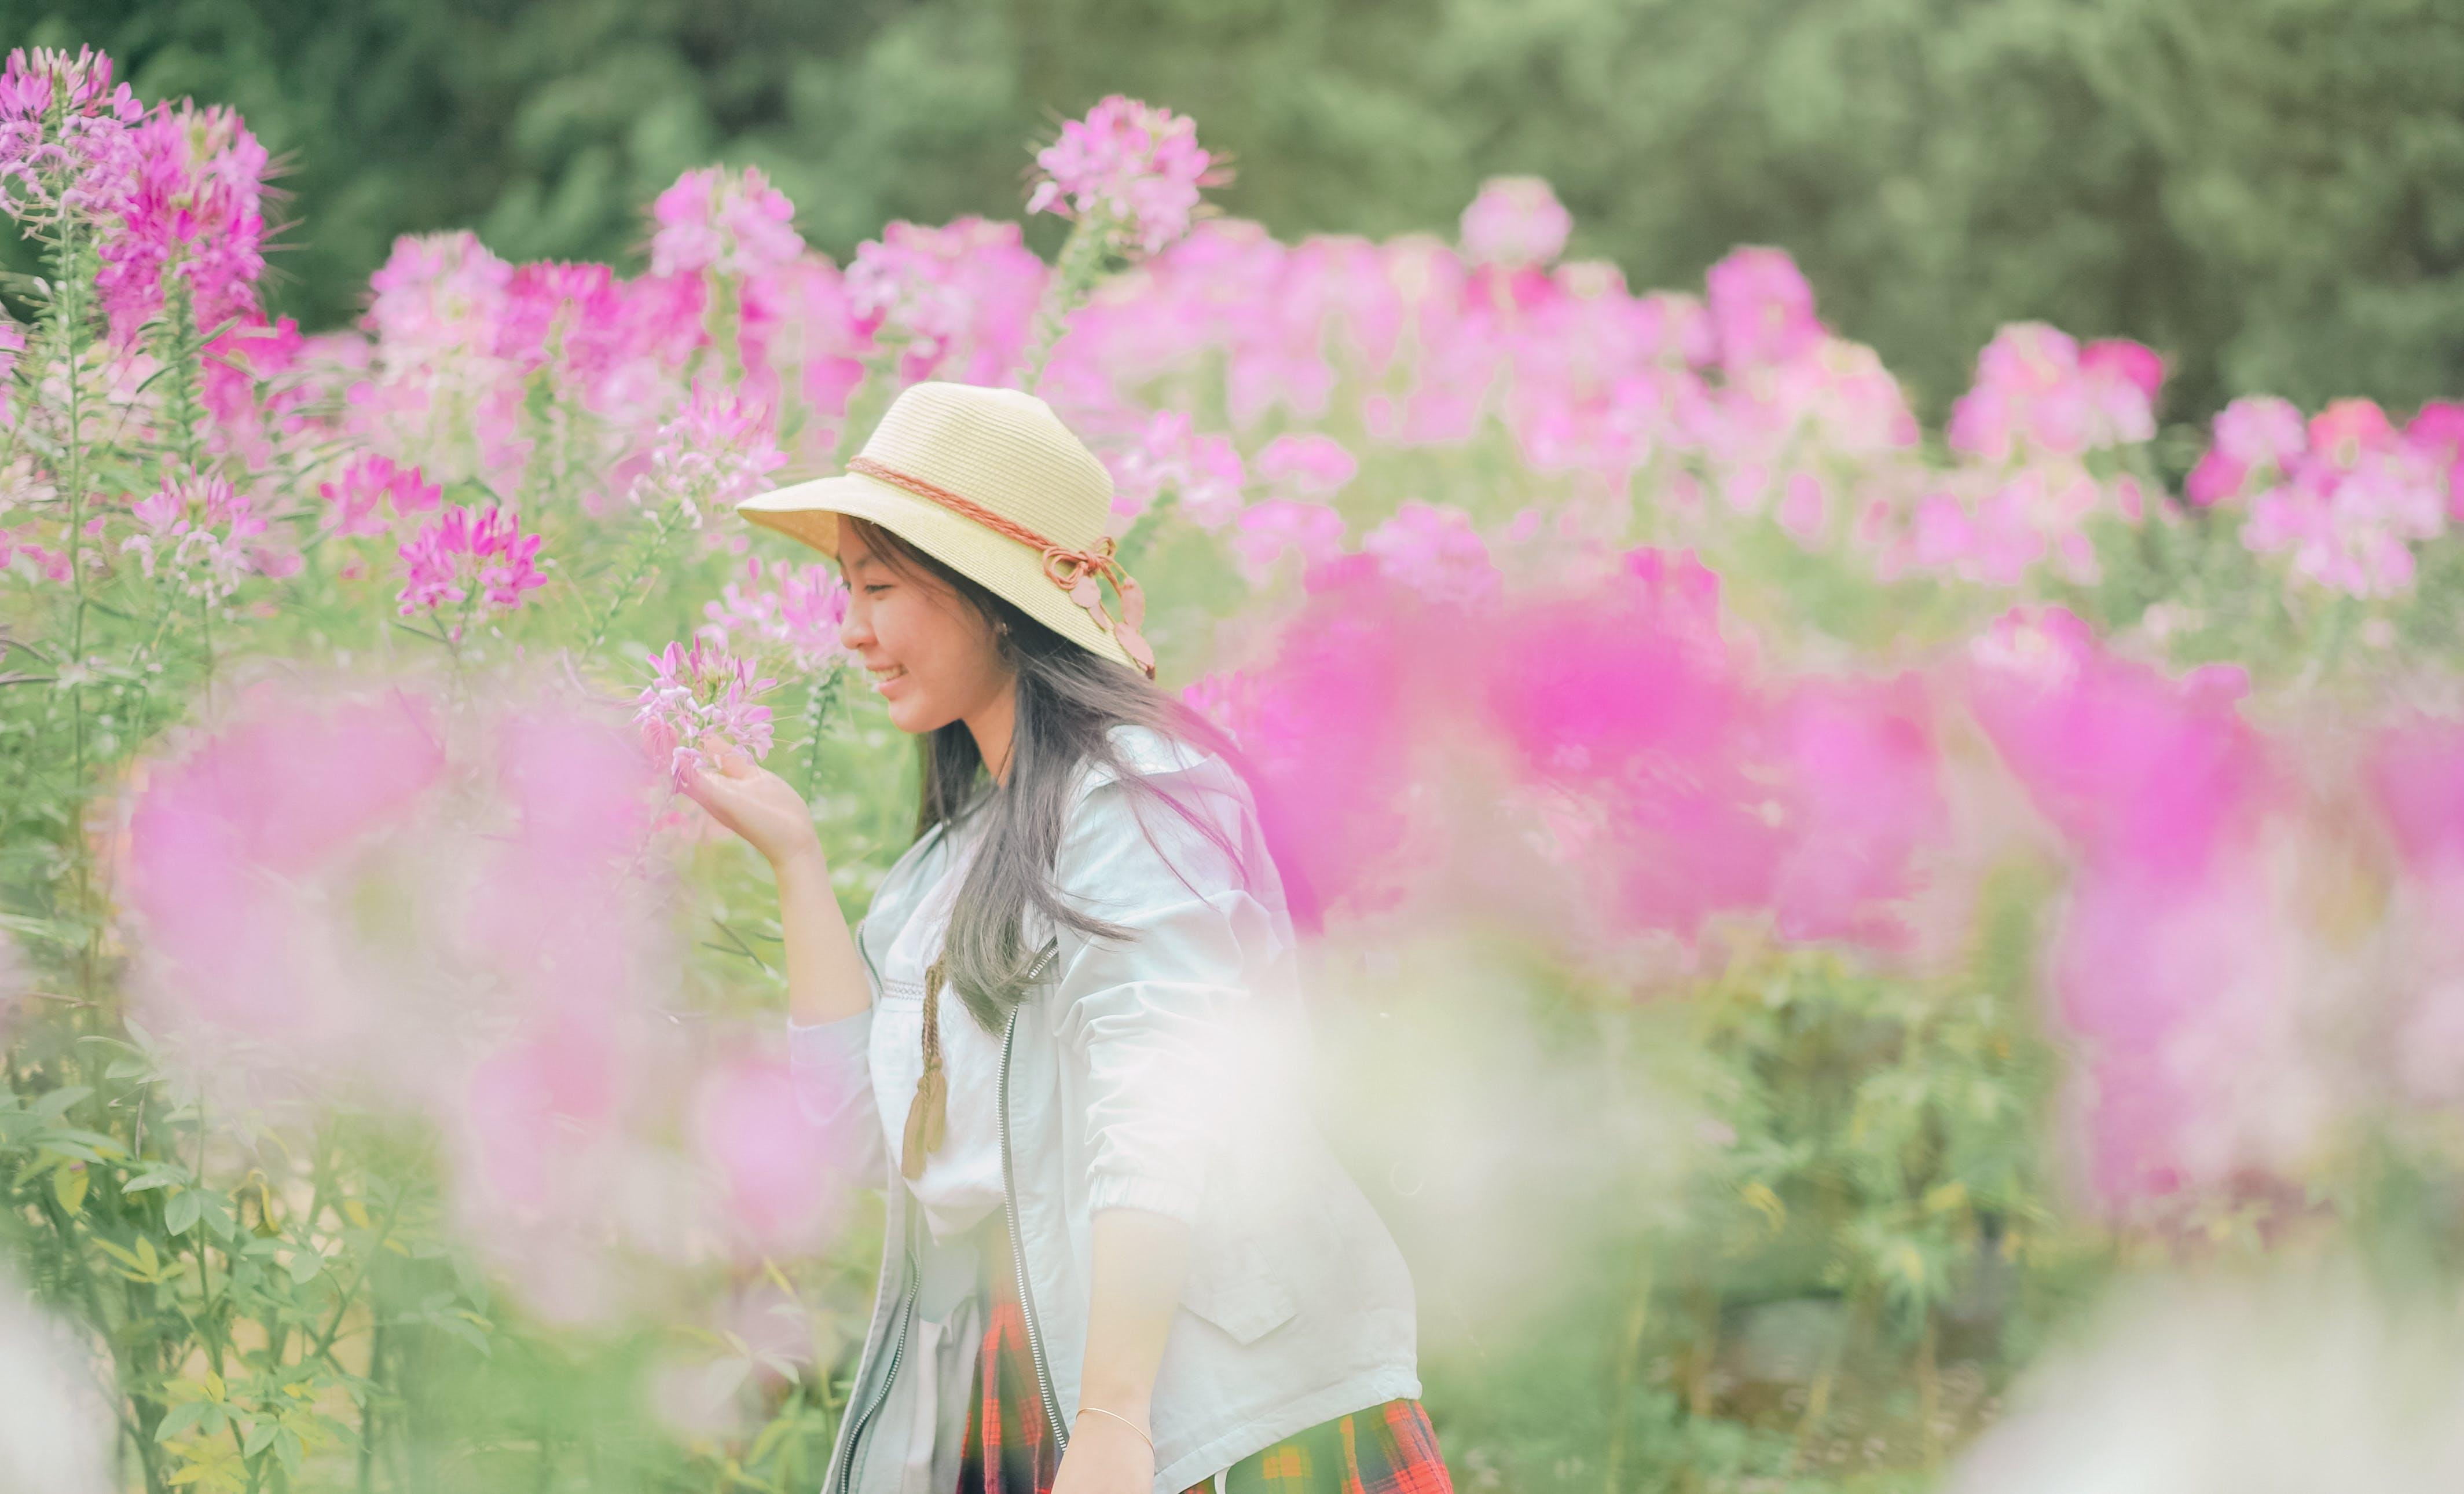 Fotos de stock gratuitas de bonito, campo, chica asiática, efecto desenfocado